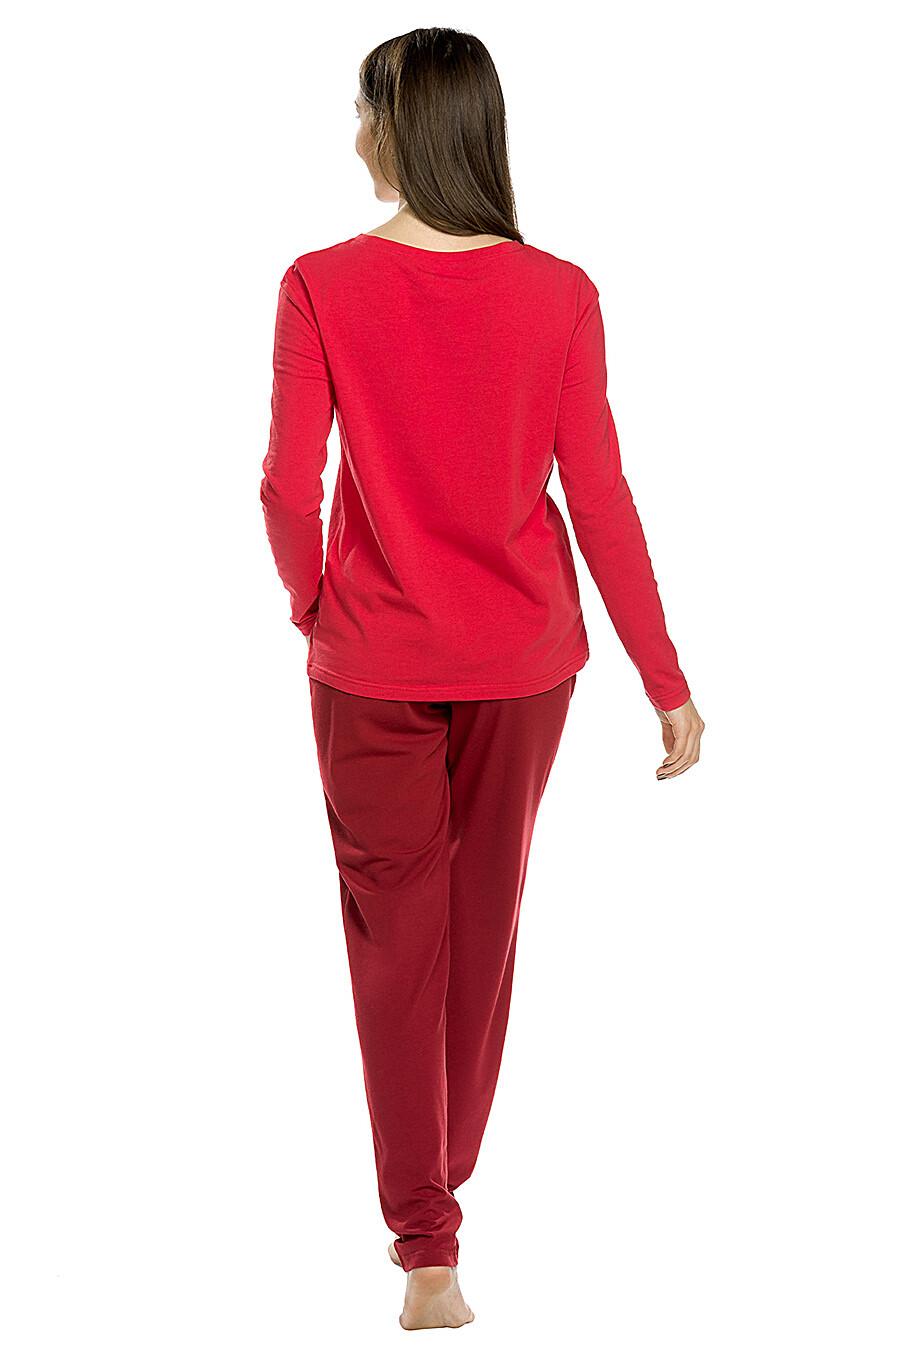 Копмлект (Брюки+Джемпер) для женщин PELICAN 146638 купить оптом от производителя. Совместная покупка женской одежды в OptMoyo